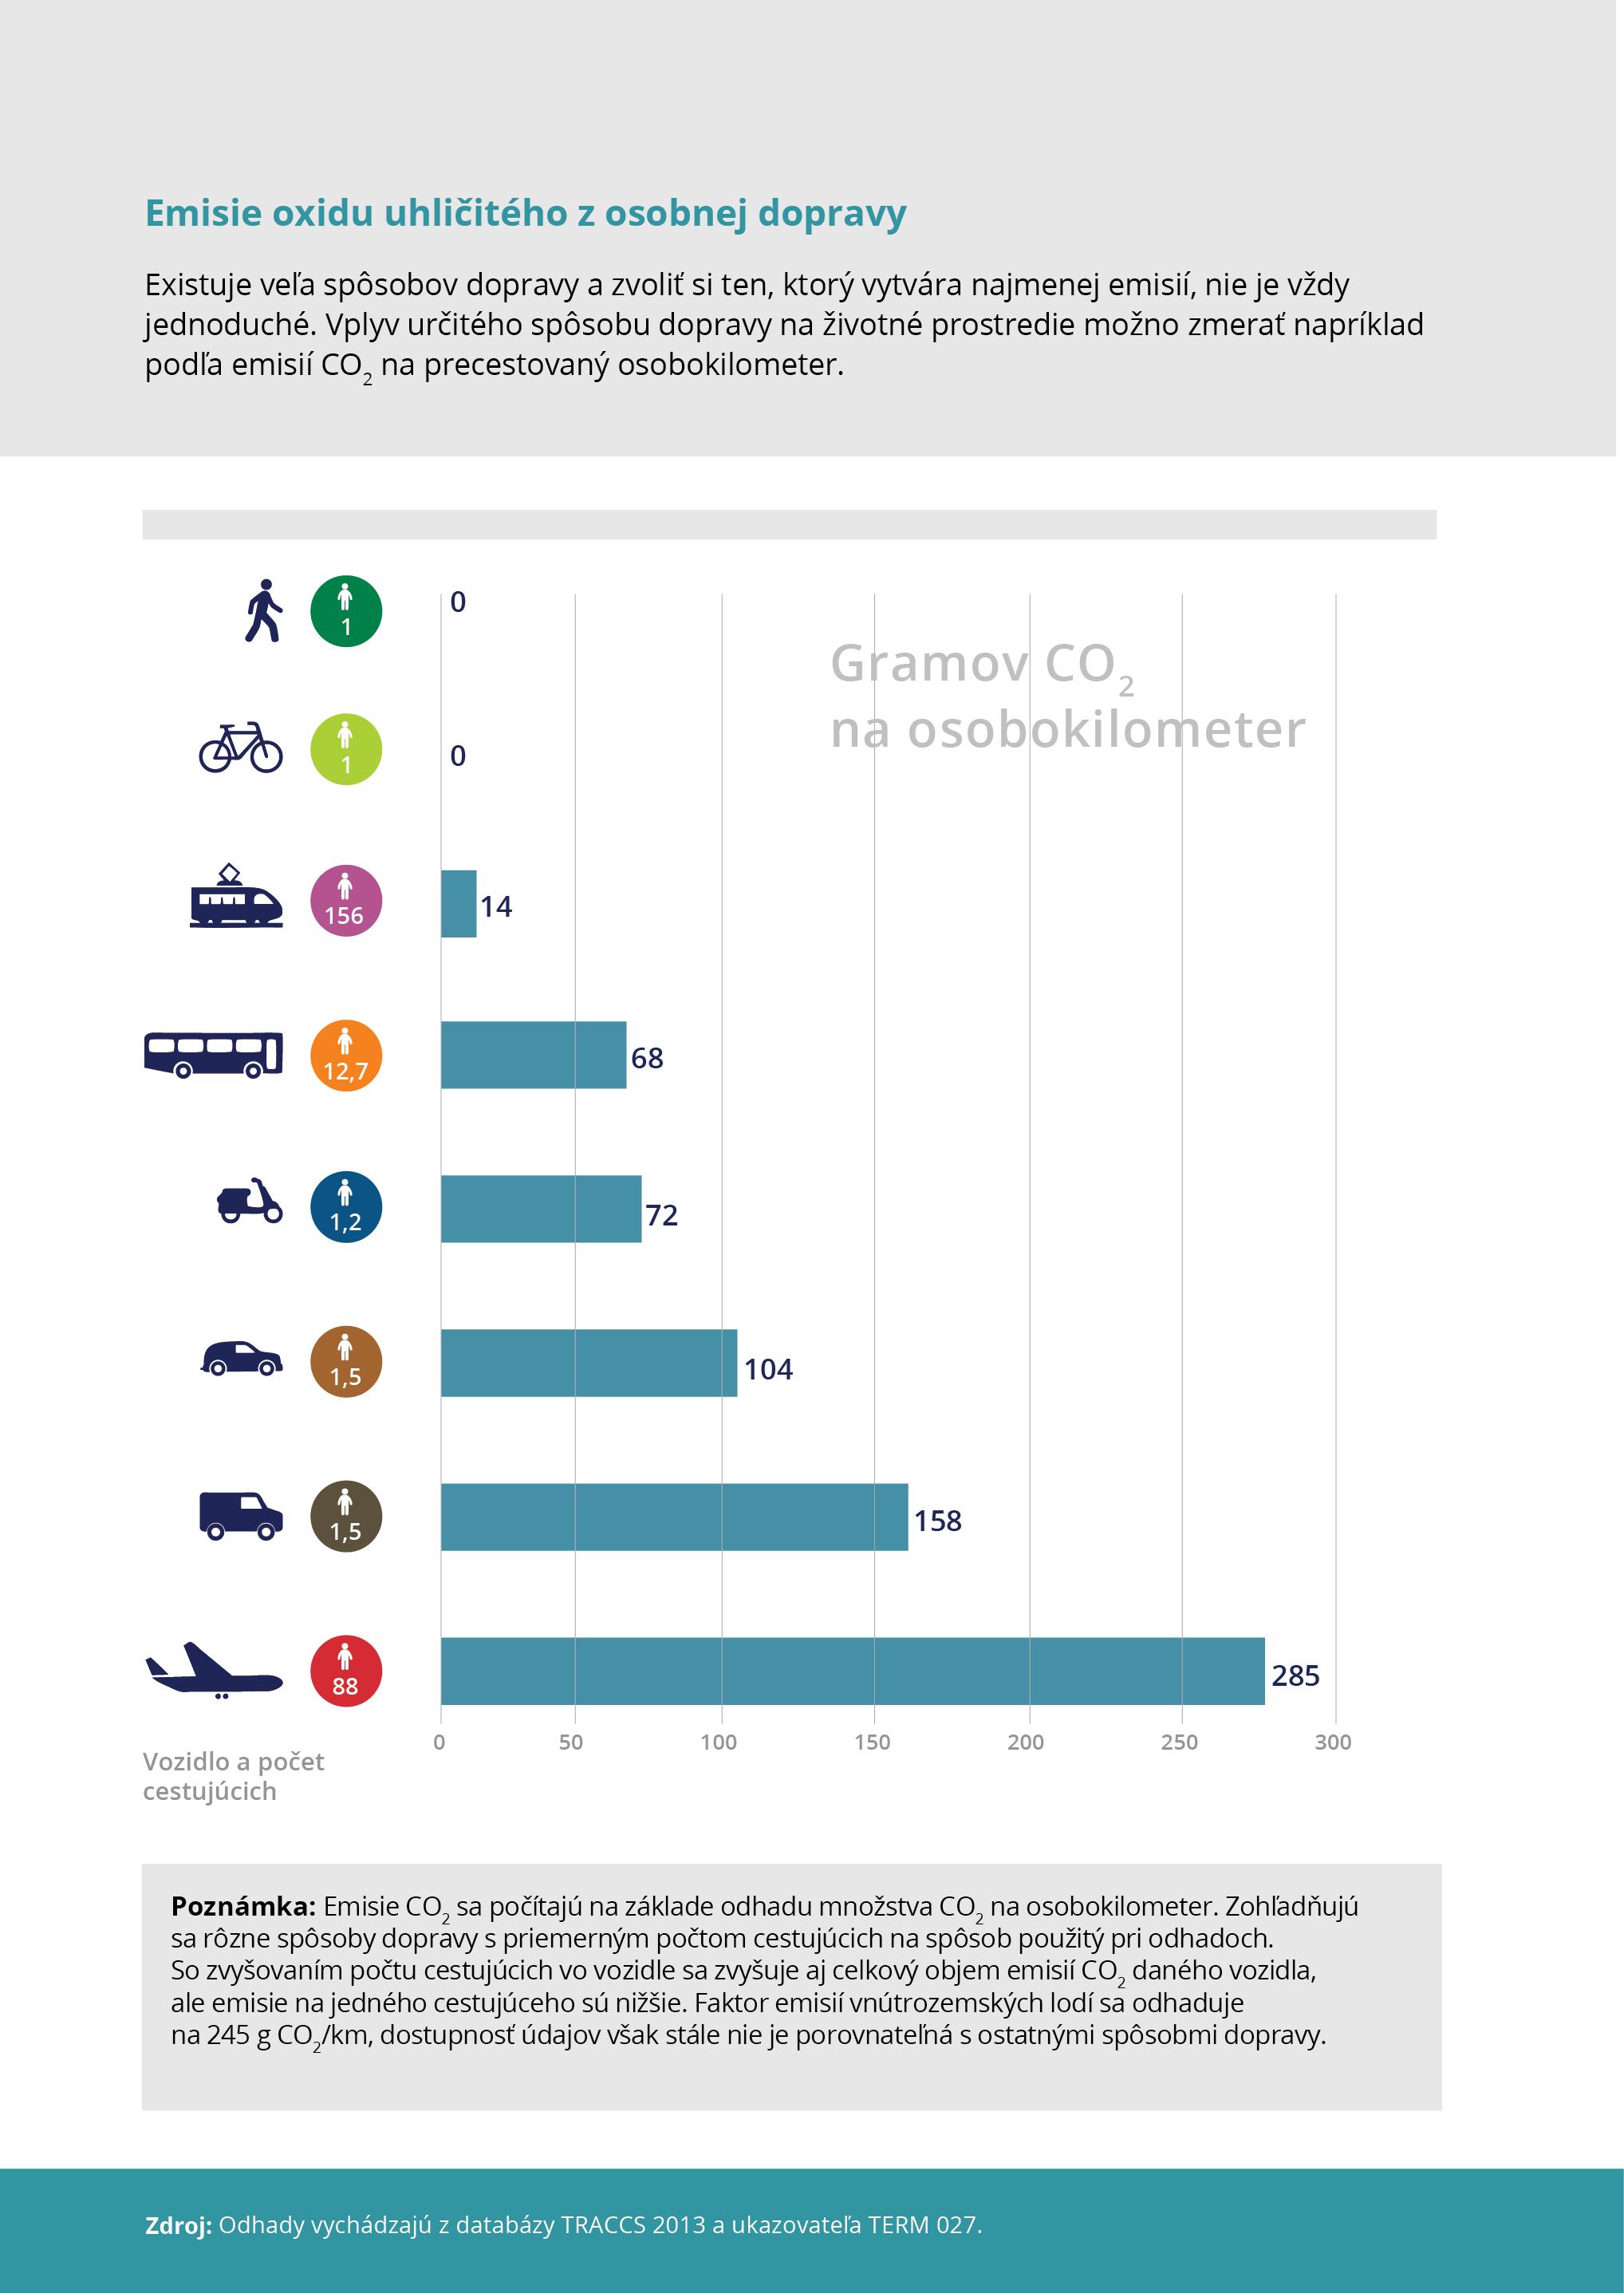 Emisie oxidu uhličitého z osobnej dopravy